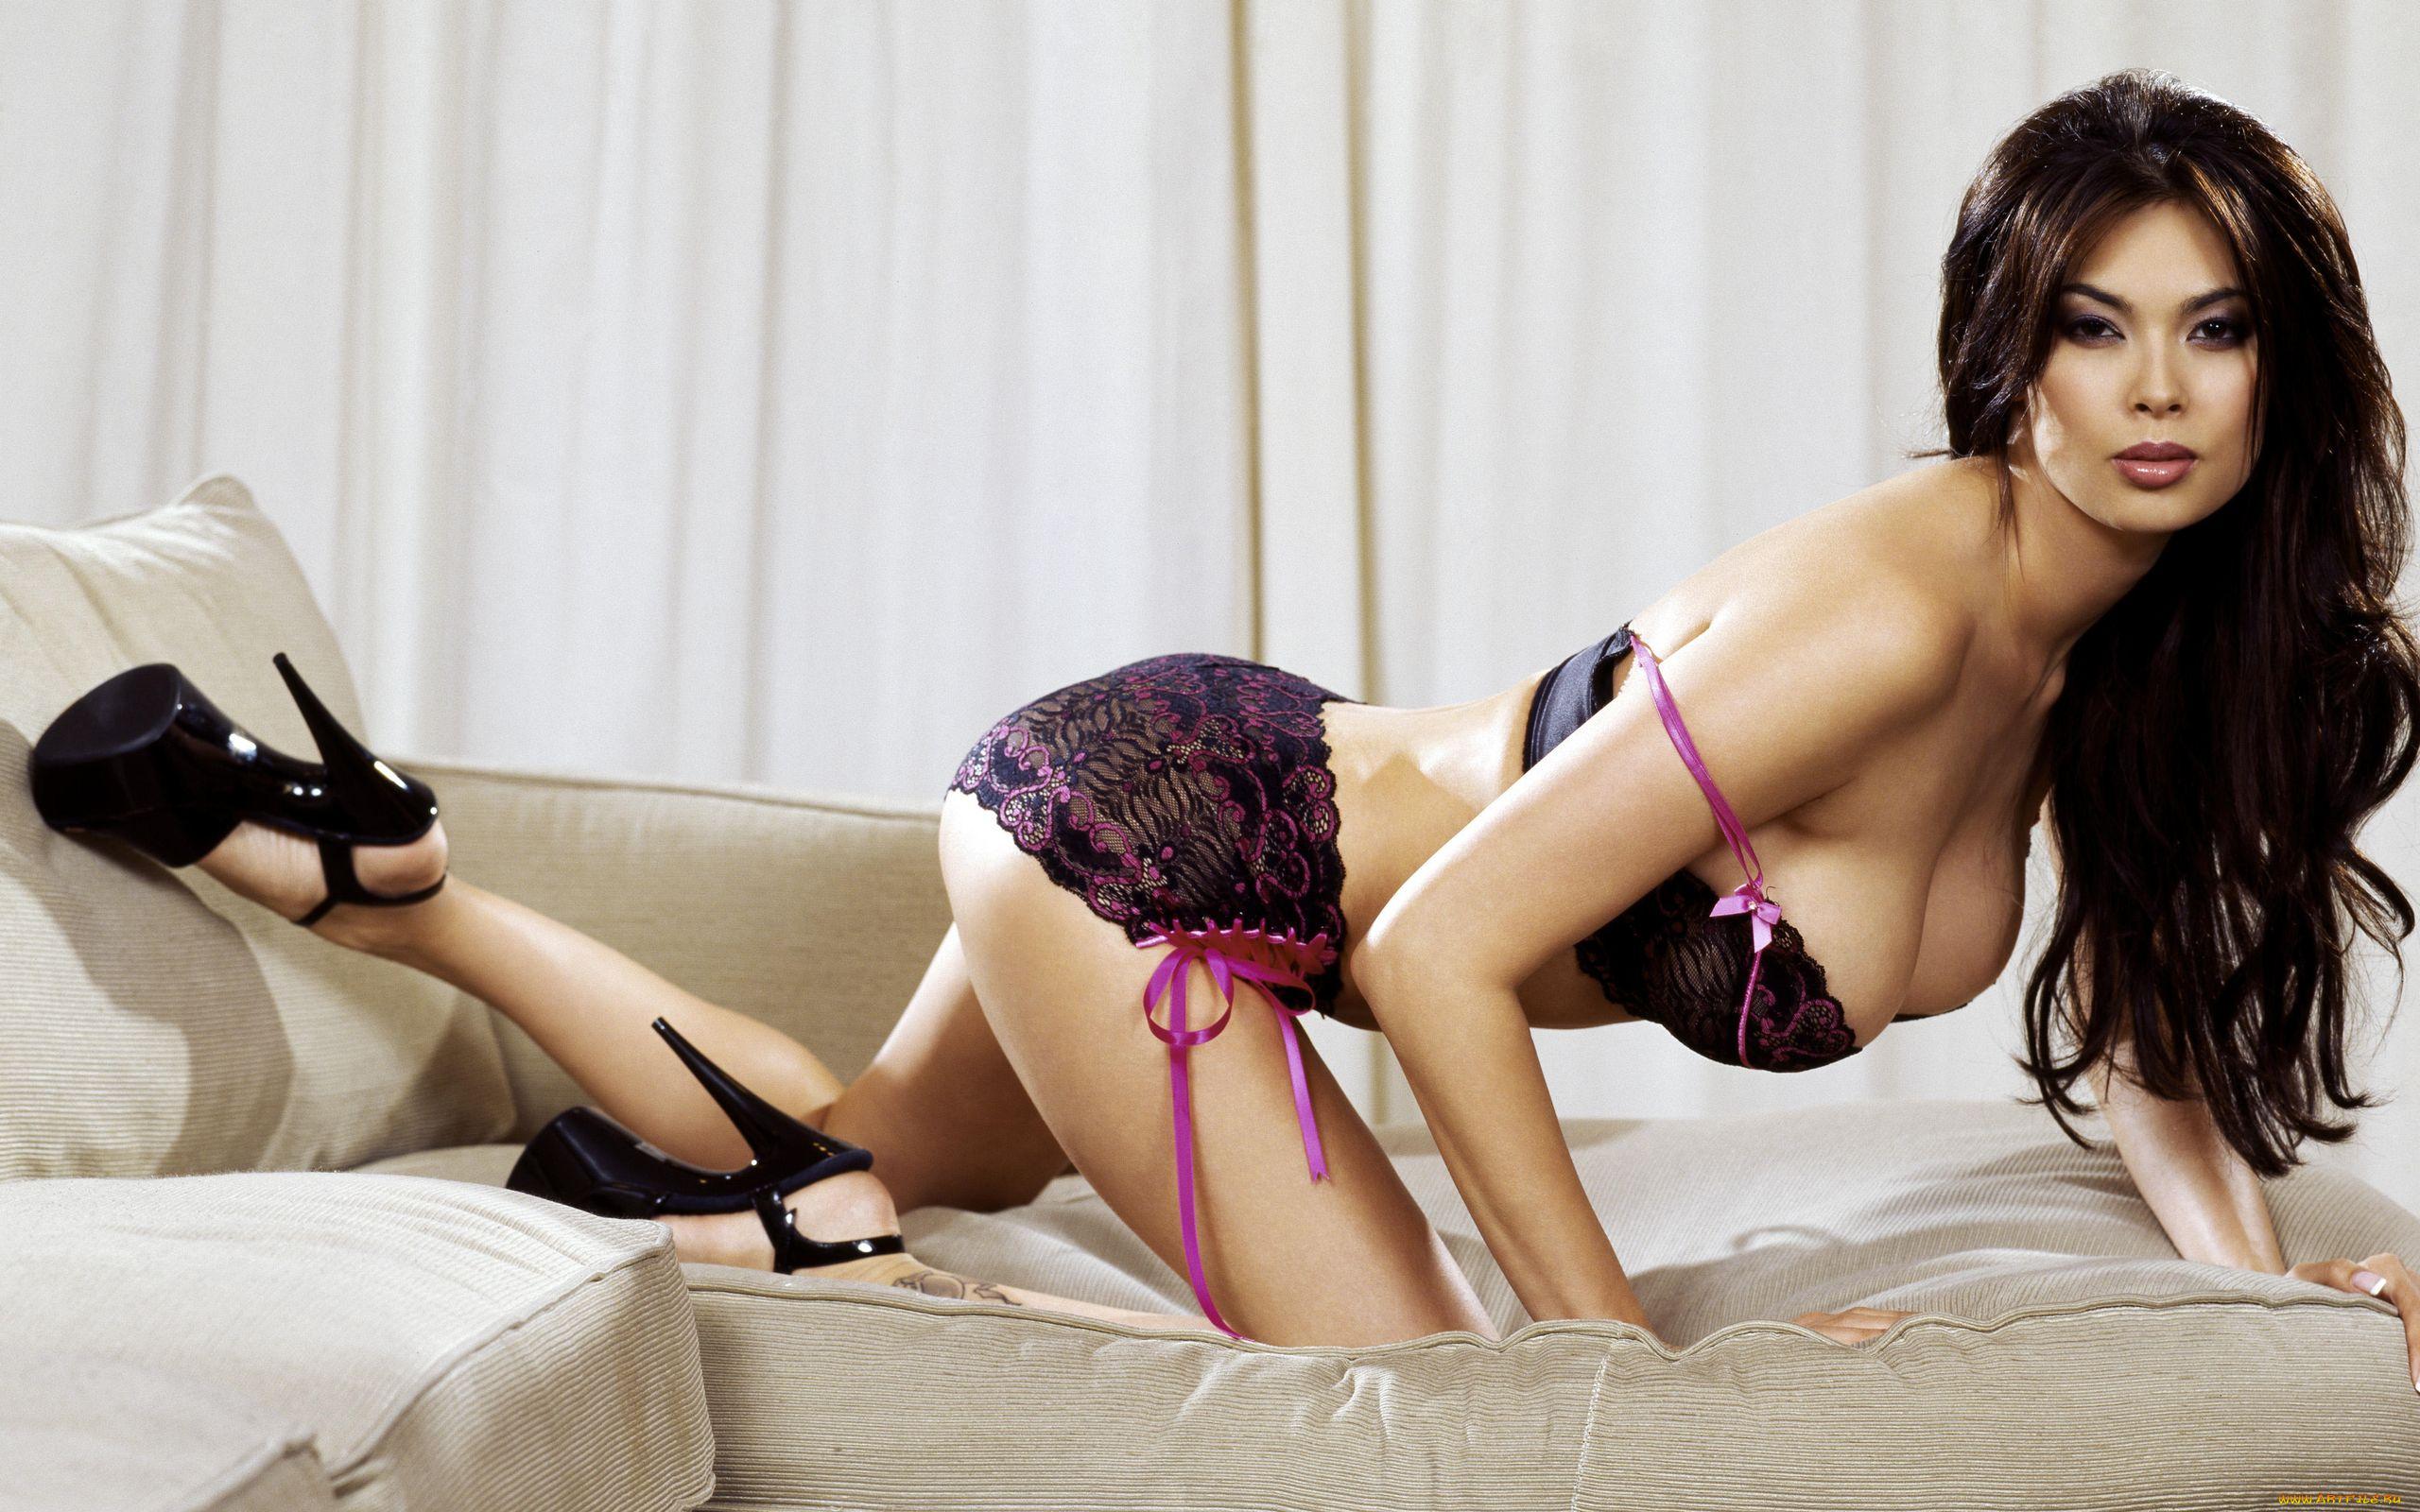 silikonovimi-seks-seks-devchonka-foto